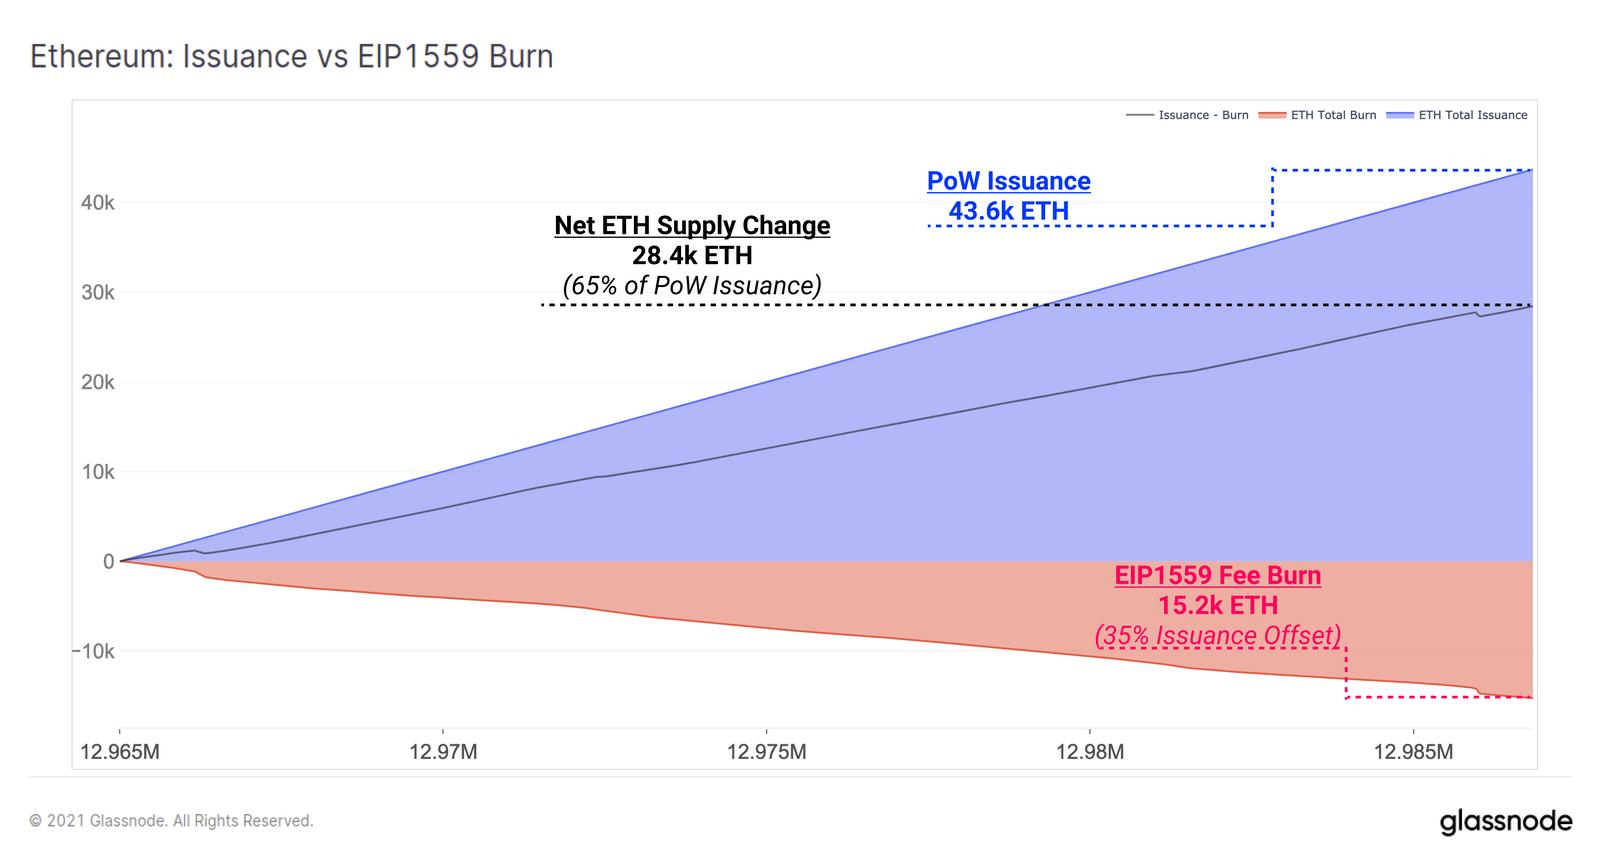 Neues Ether versus EIP-1559